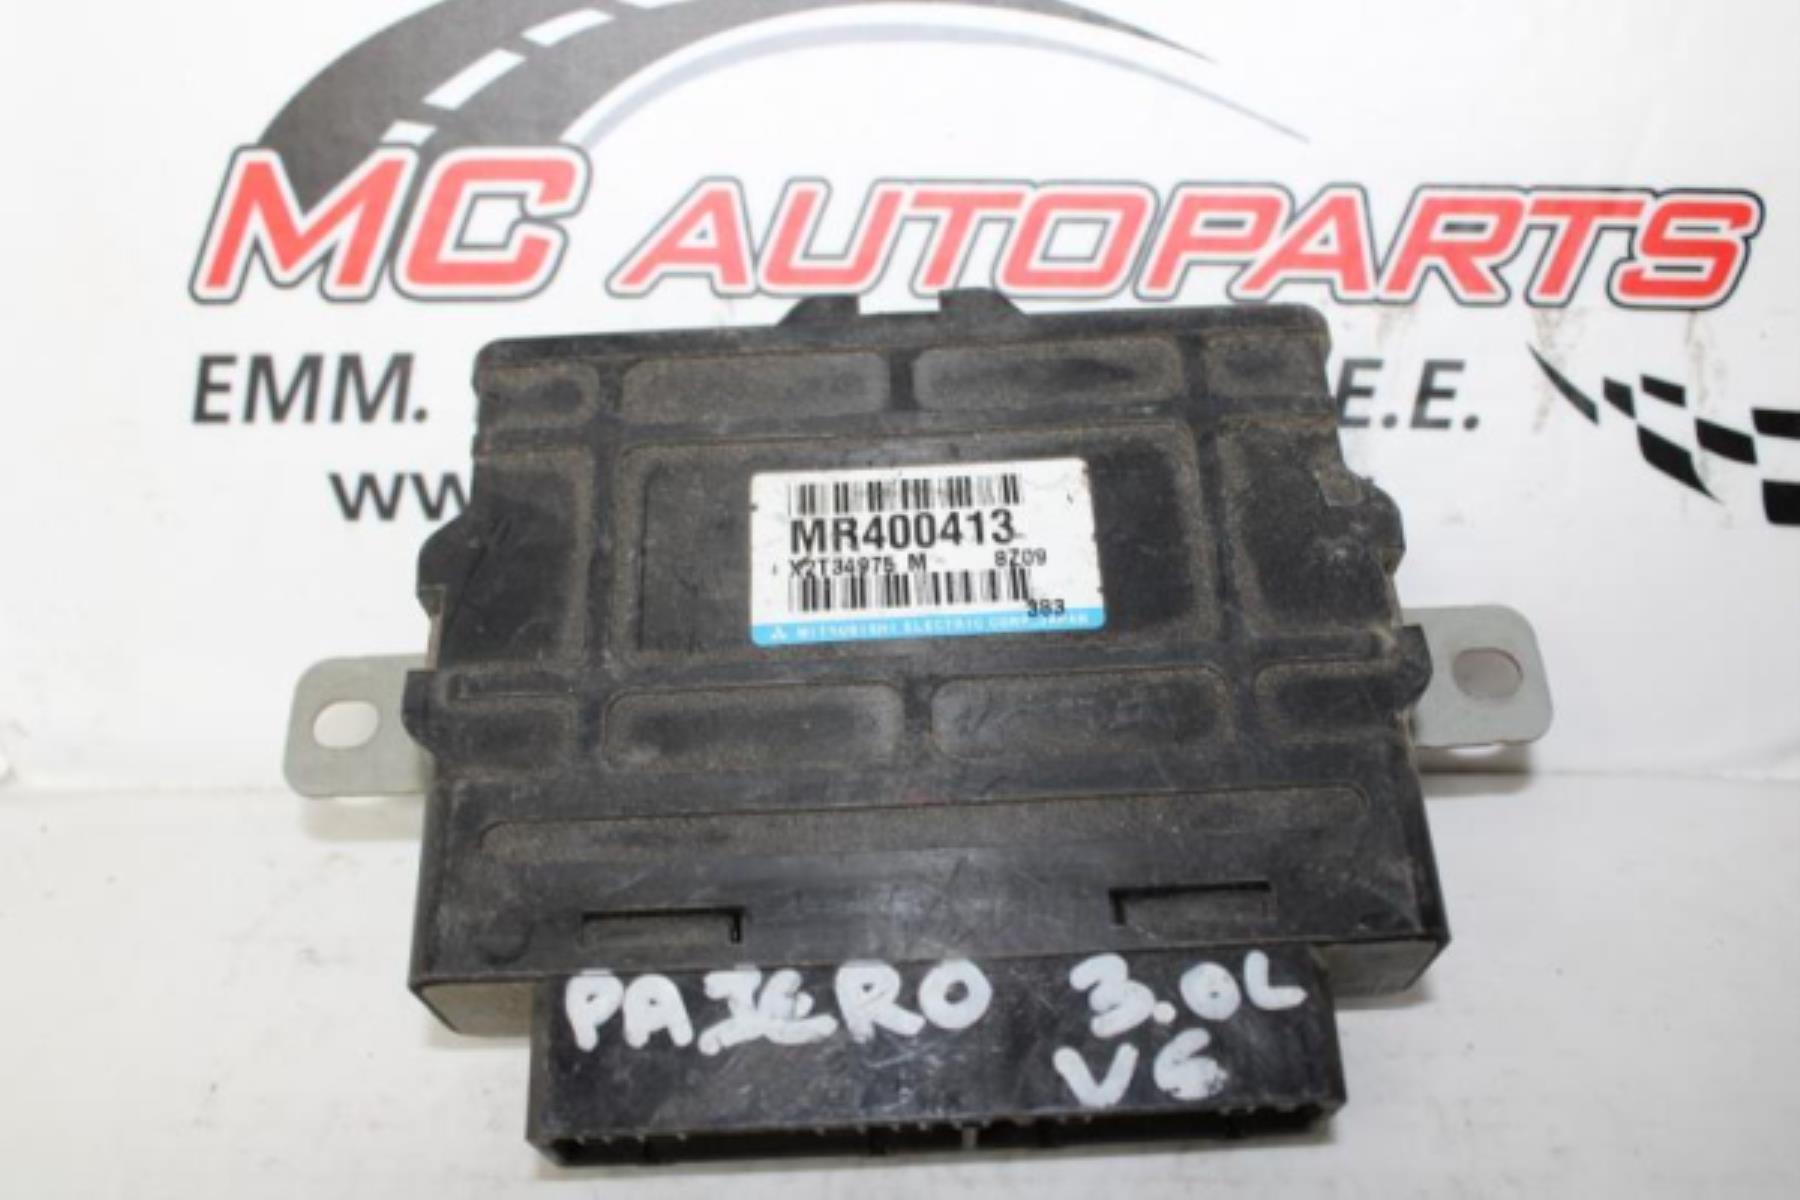 Εικόνα από Πλακέτα  MITSUBISHI PAJERO (2002-2007)  MR400413   ABS control